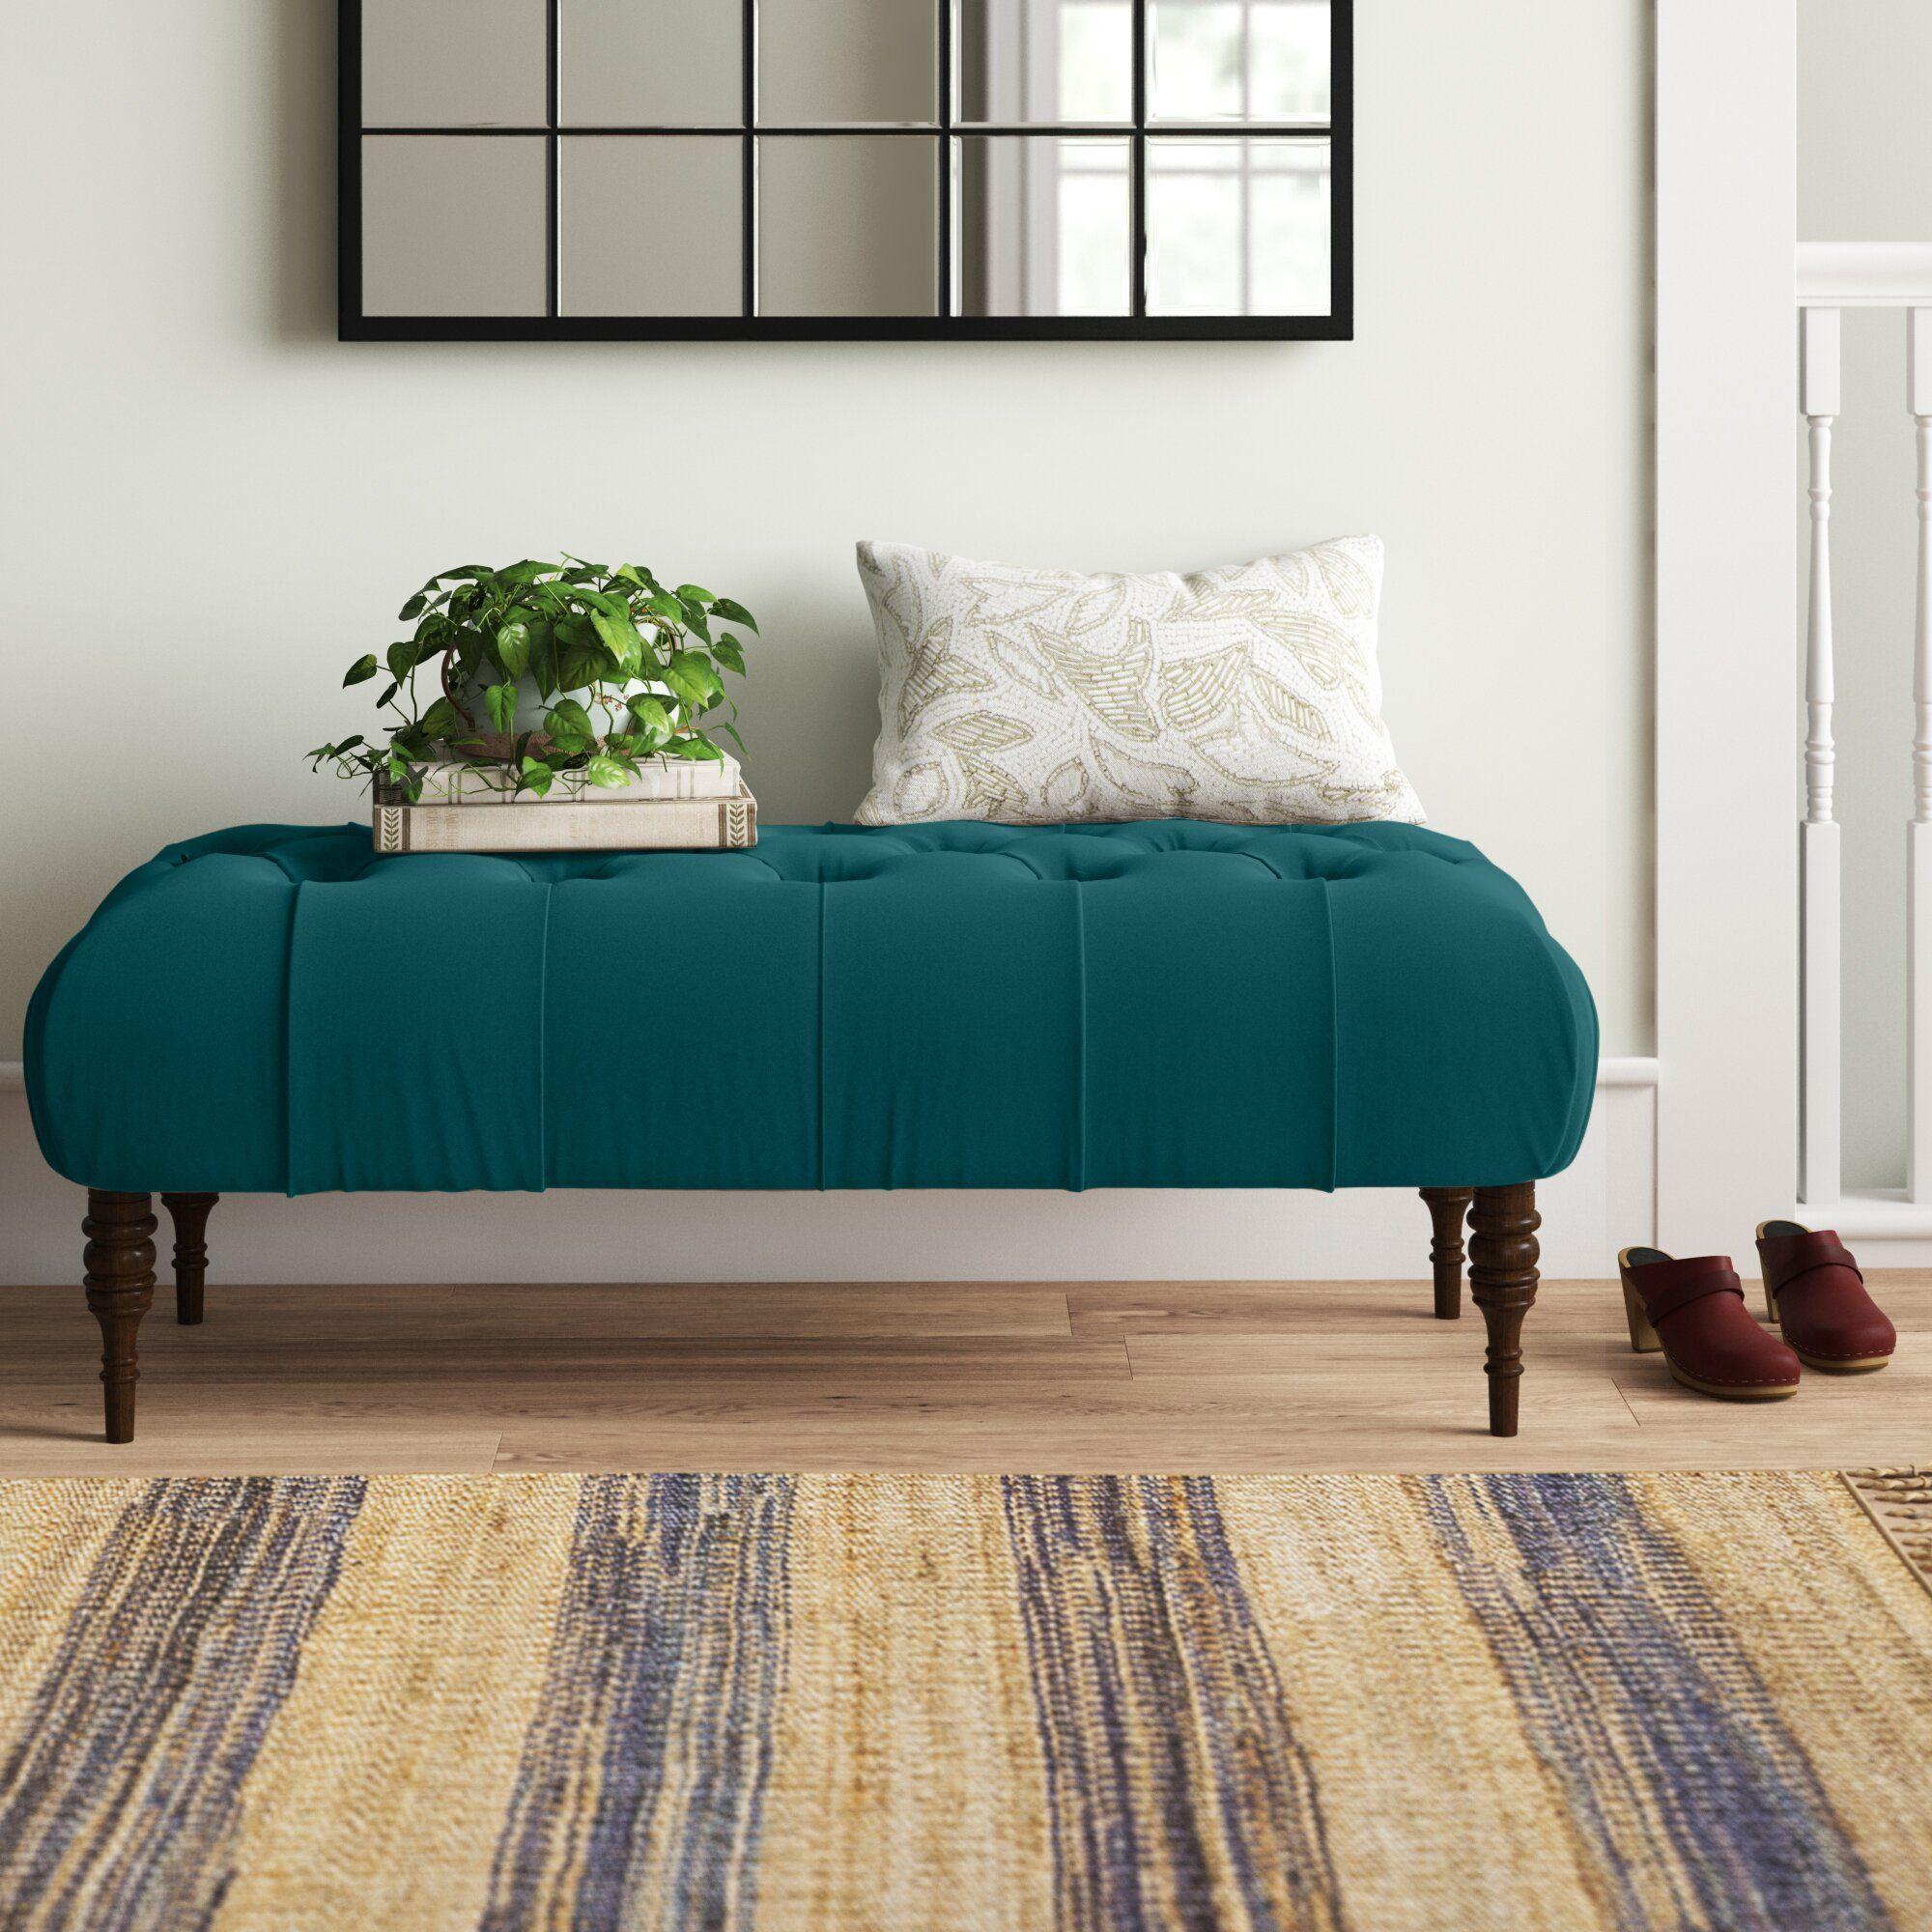 Ramford Velvet Upholstered Bench In 2021 Upholstered Bench Upholstered Bench Living Room Upholster Living room upholstered bench